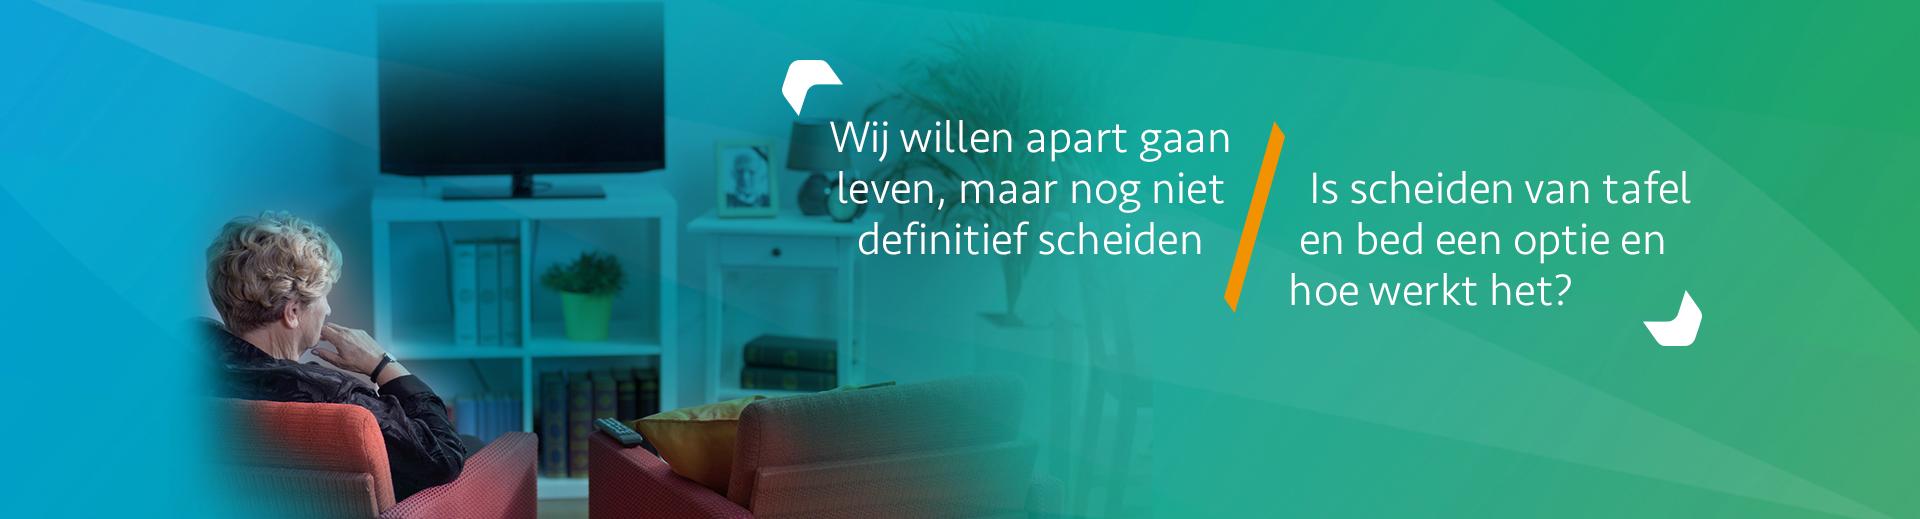 Aanvragen scheiding van tafel en bed - Scheidingsplanner Midden-Nederland